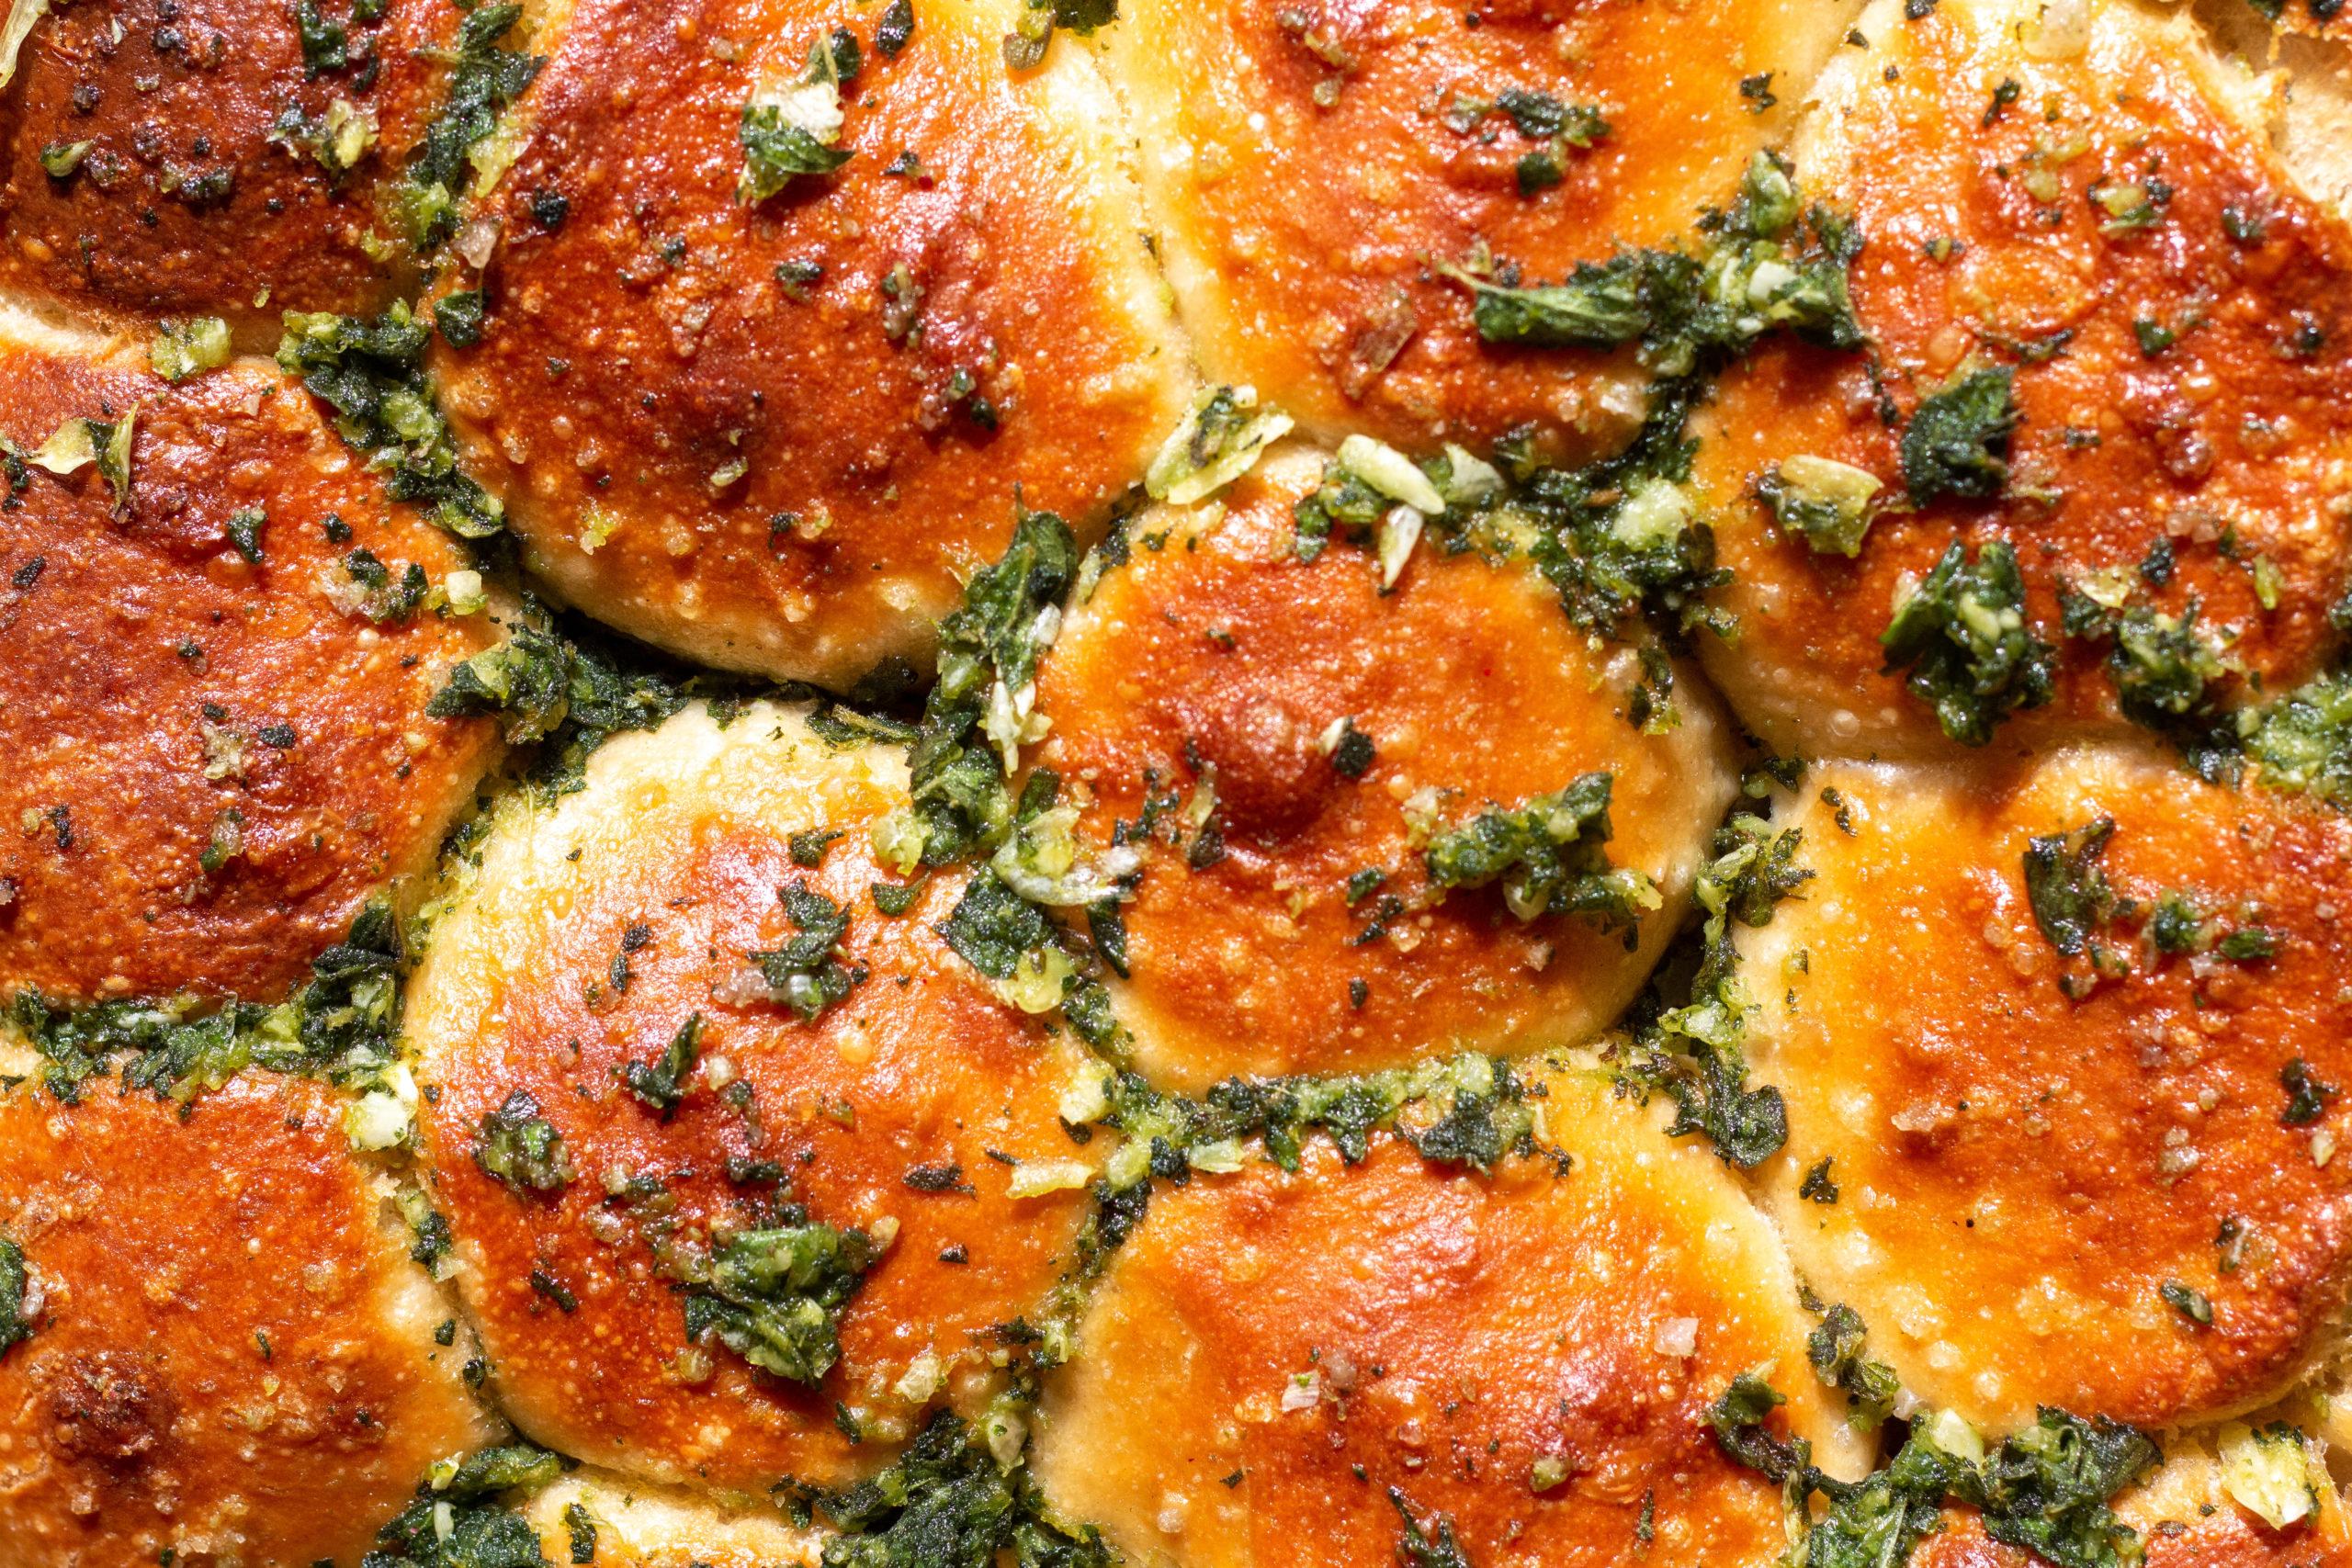 لفائف الخبز بزيت الزيتون والزعتر